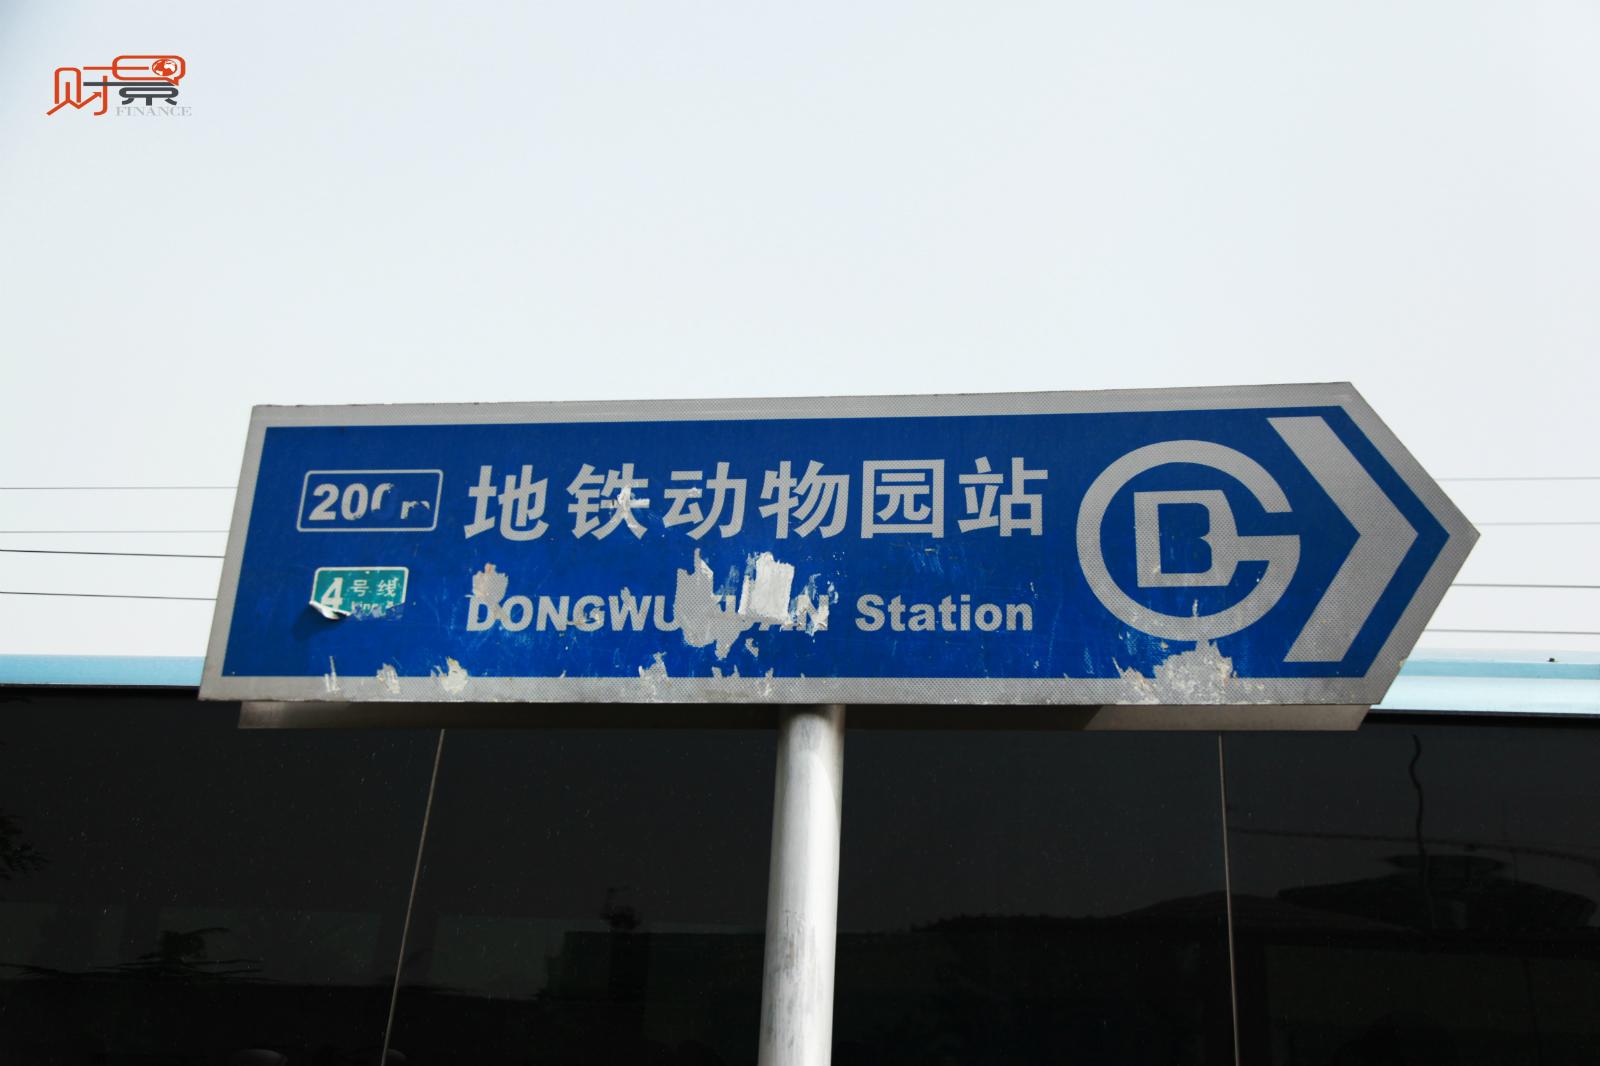 1/19  2/19形成于上世纪80年代的动物园批发市场,由东鼎、天乐、众合、天皓成、金开利德、世纪天乐等几个批发市场组成。地铁动物园站,也因此成为北京人流量最大的站点之一。  3/19日均客流量超10万人,2万多个服装批发商摊主来自全国各地,以外地人居多,最长的在这里做了近30年生意。  4/19然而,伴随城市建设与产业升级,动批这样的低端业态退出寸土寸金的北京,为高端业态腾位置,早已成为必然选择。  5/19潘林,湖南人,在北京动批已十多年了,曾经自己开了个服装批发店,如今又把店盘了,帮着另外一个